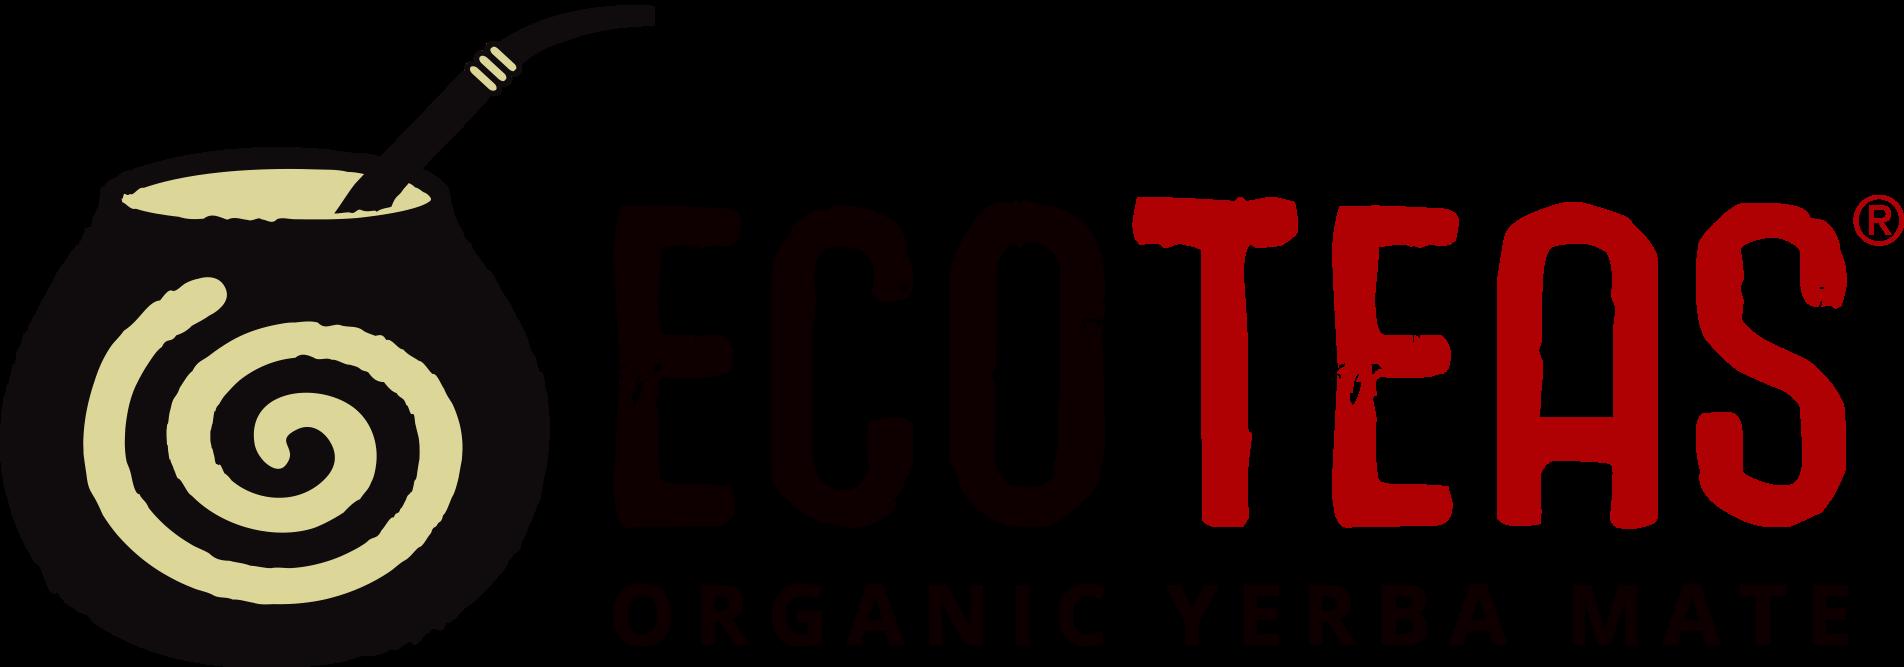 Eco Teas